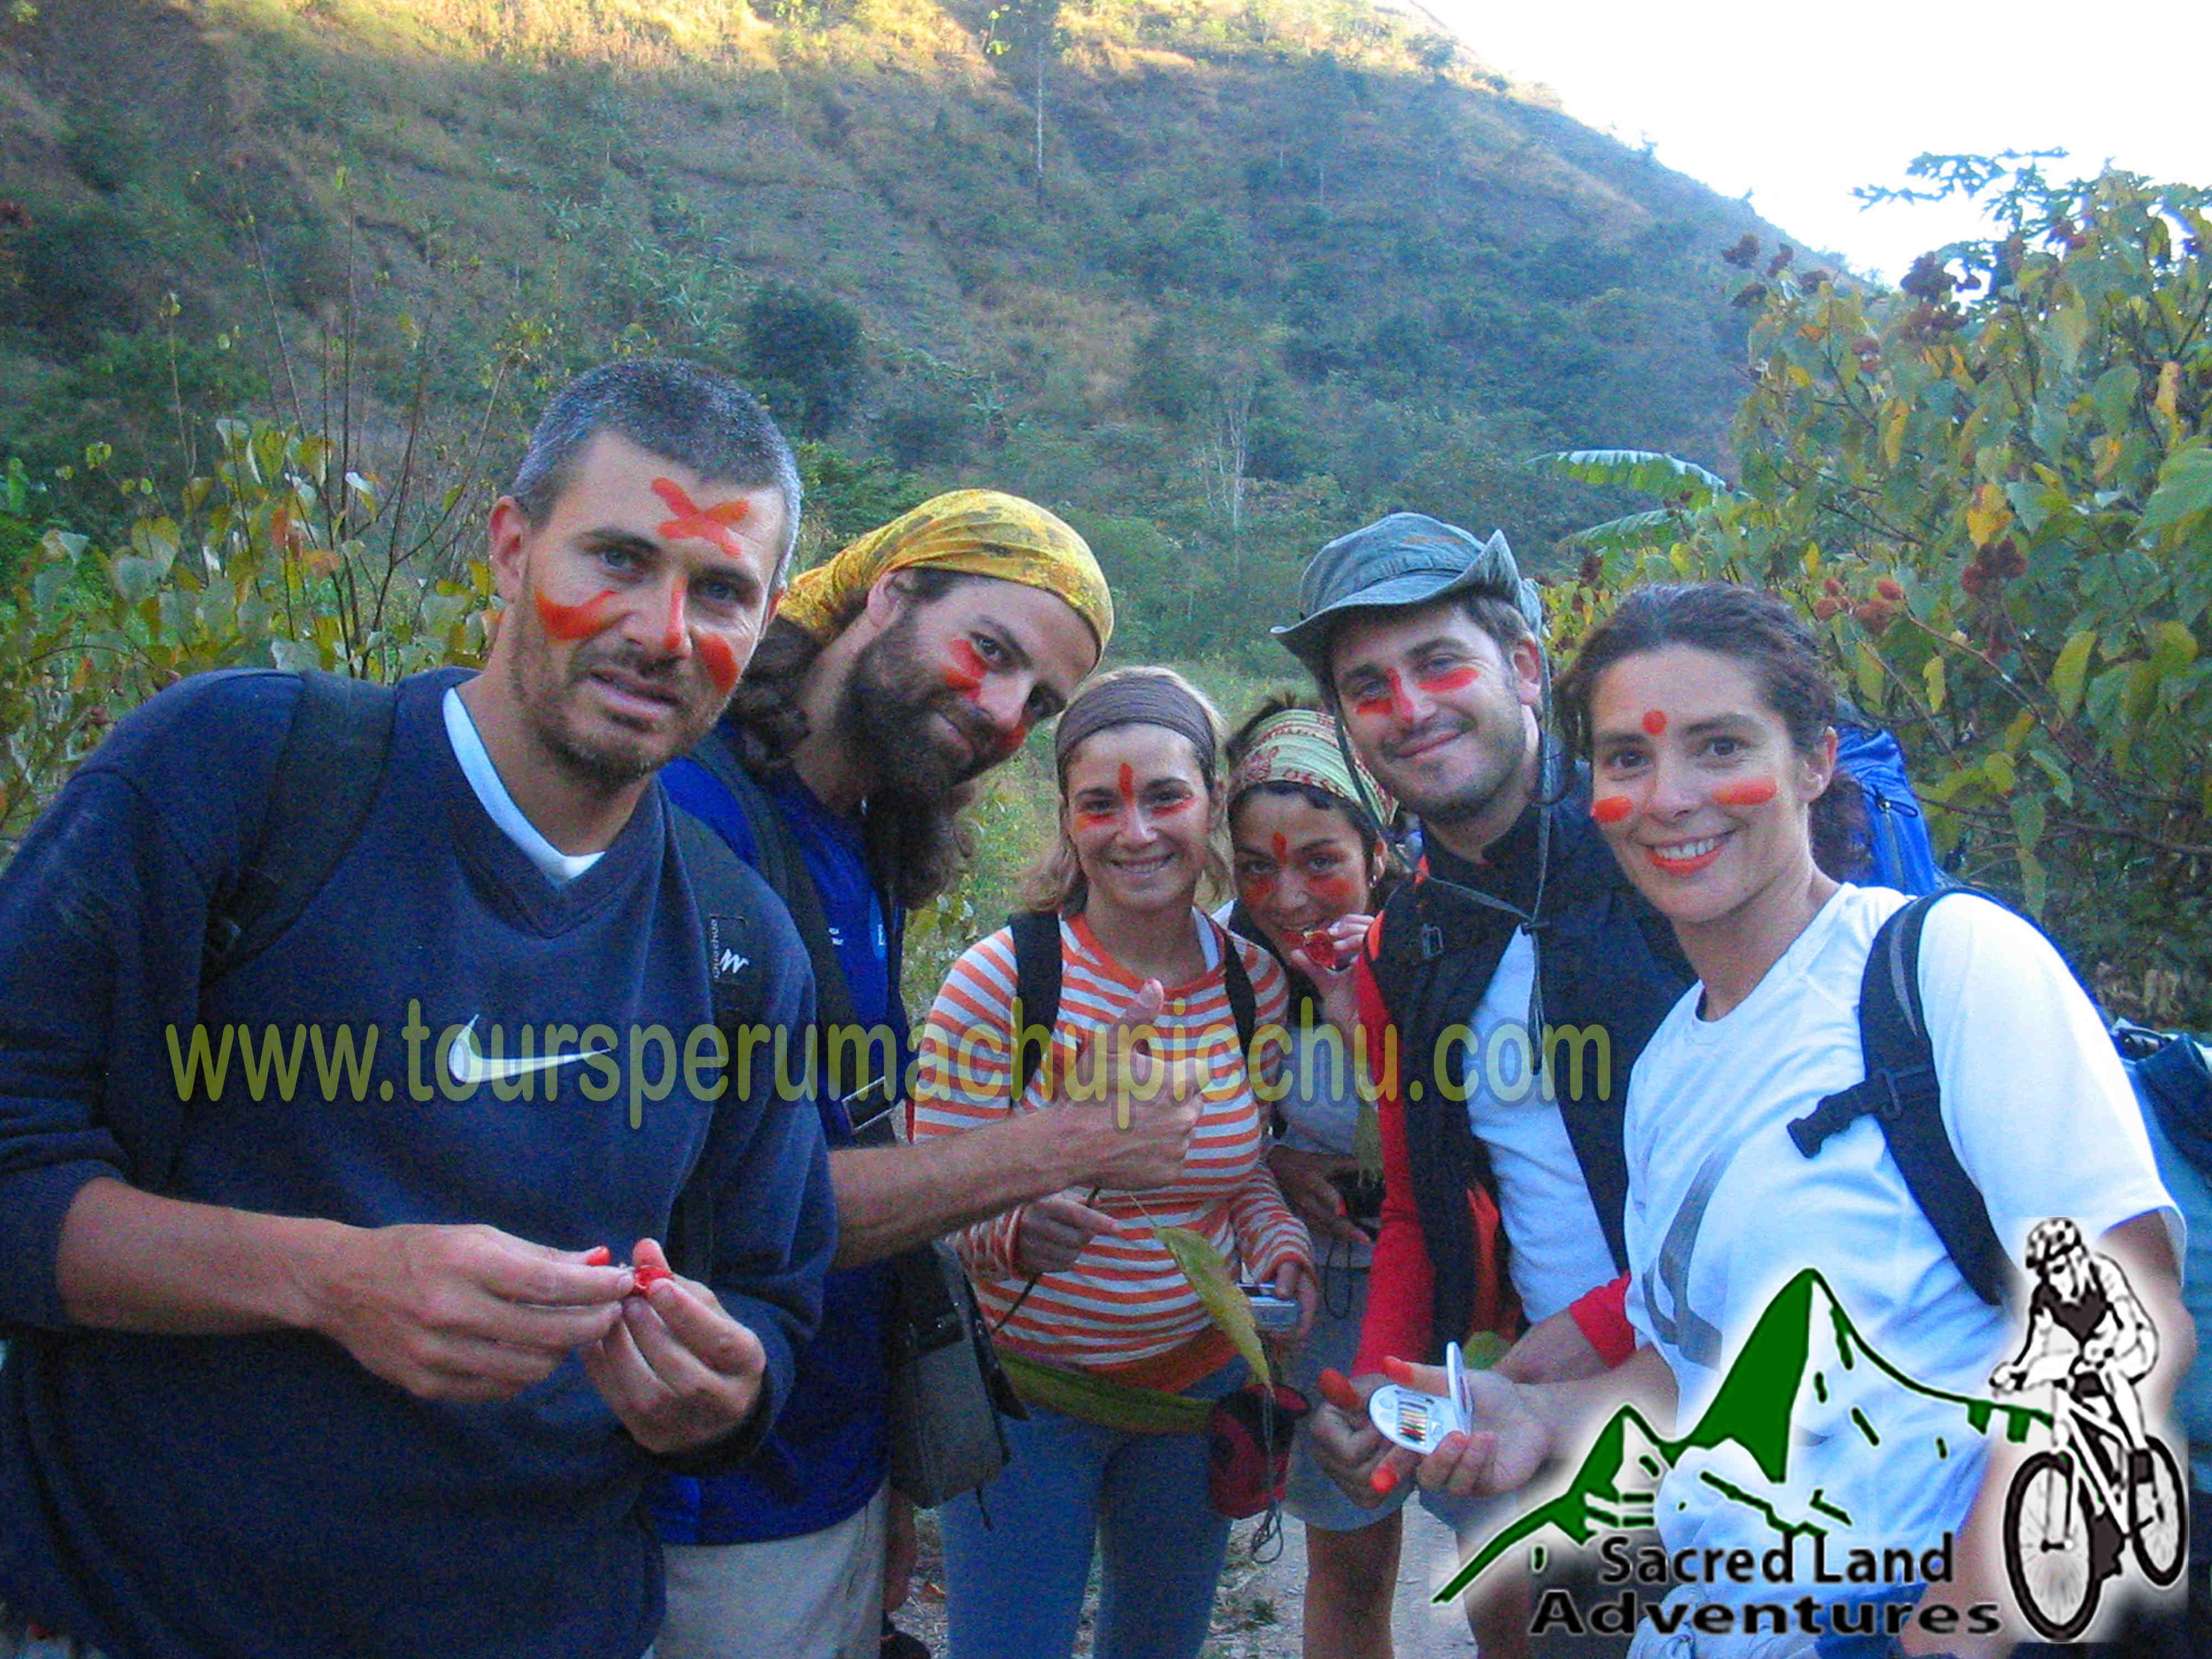 Tours Machu Picchu Peru – Tour Operator